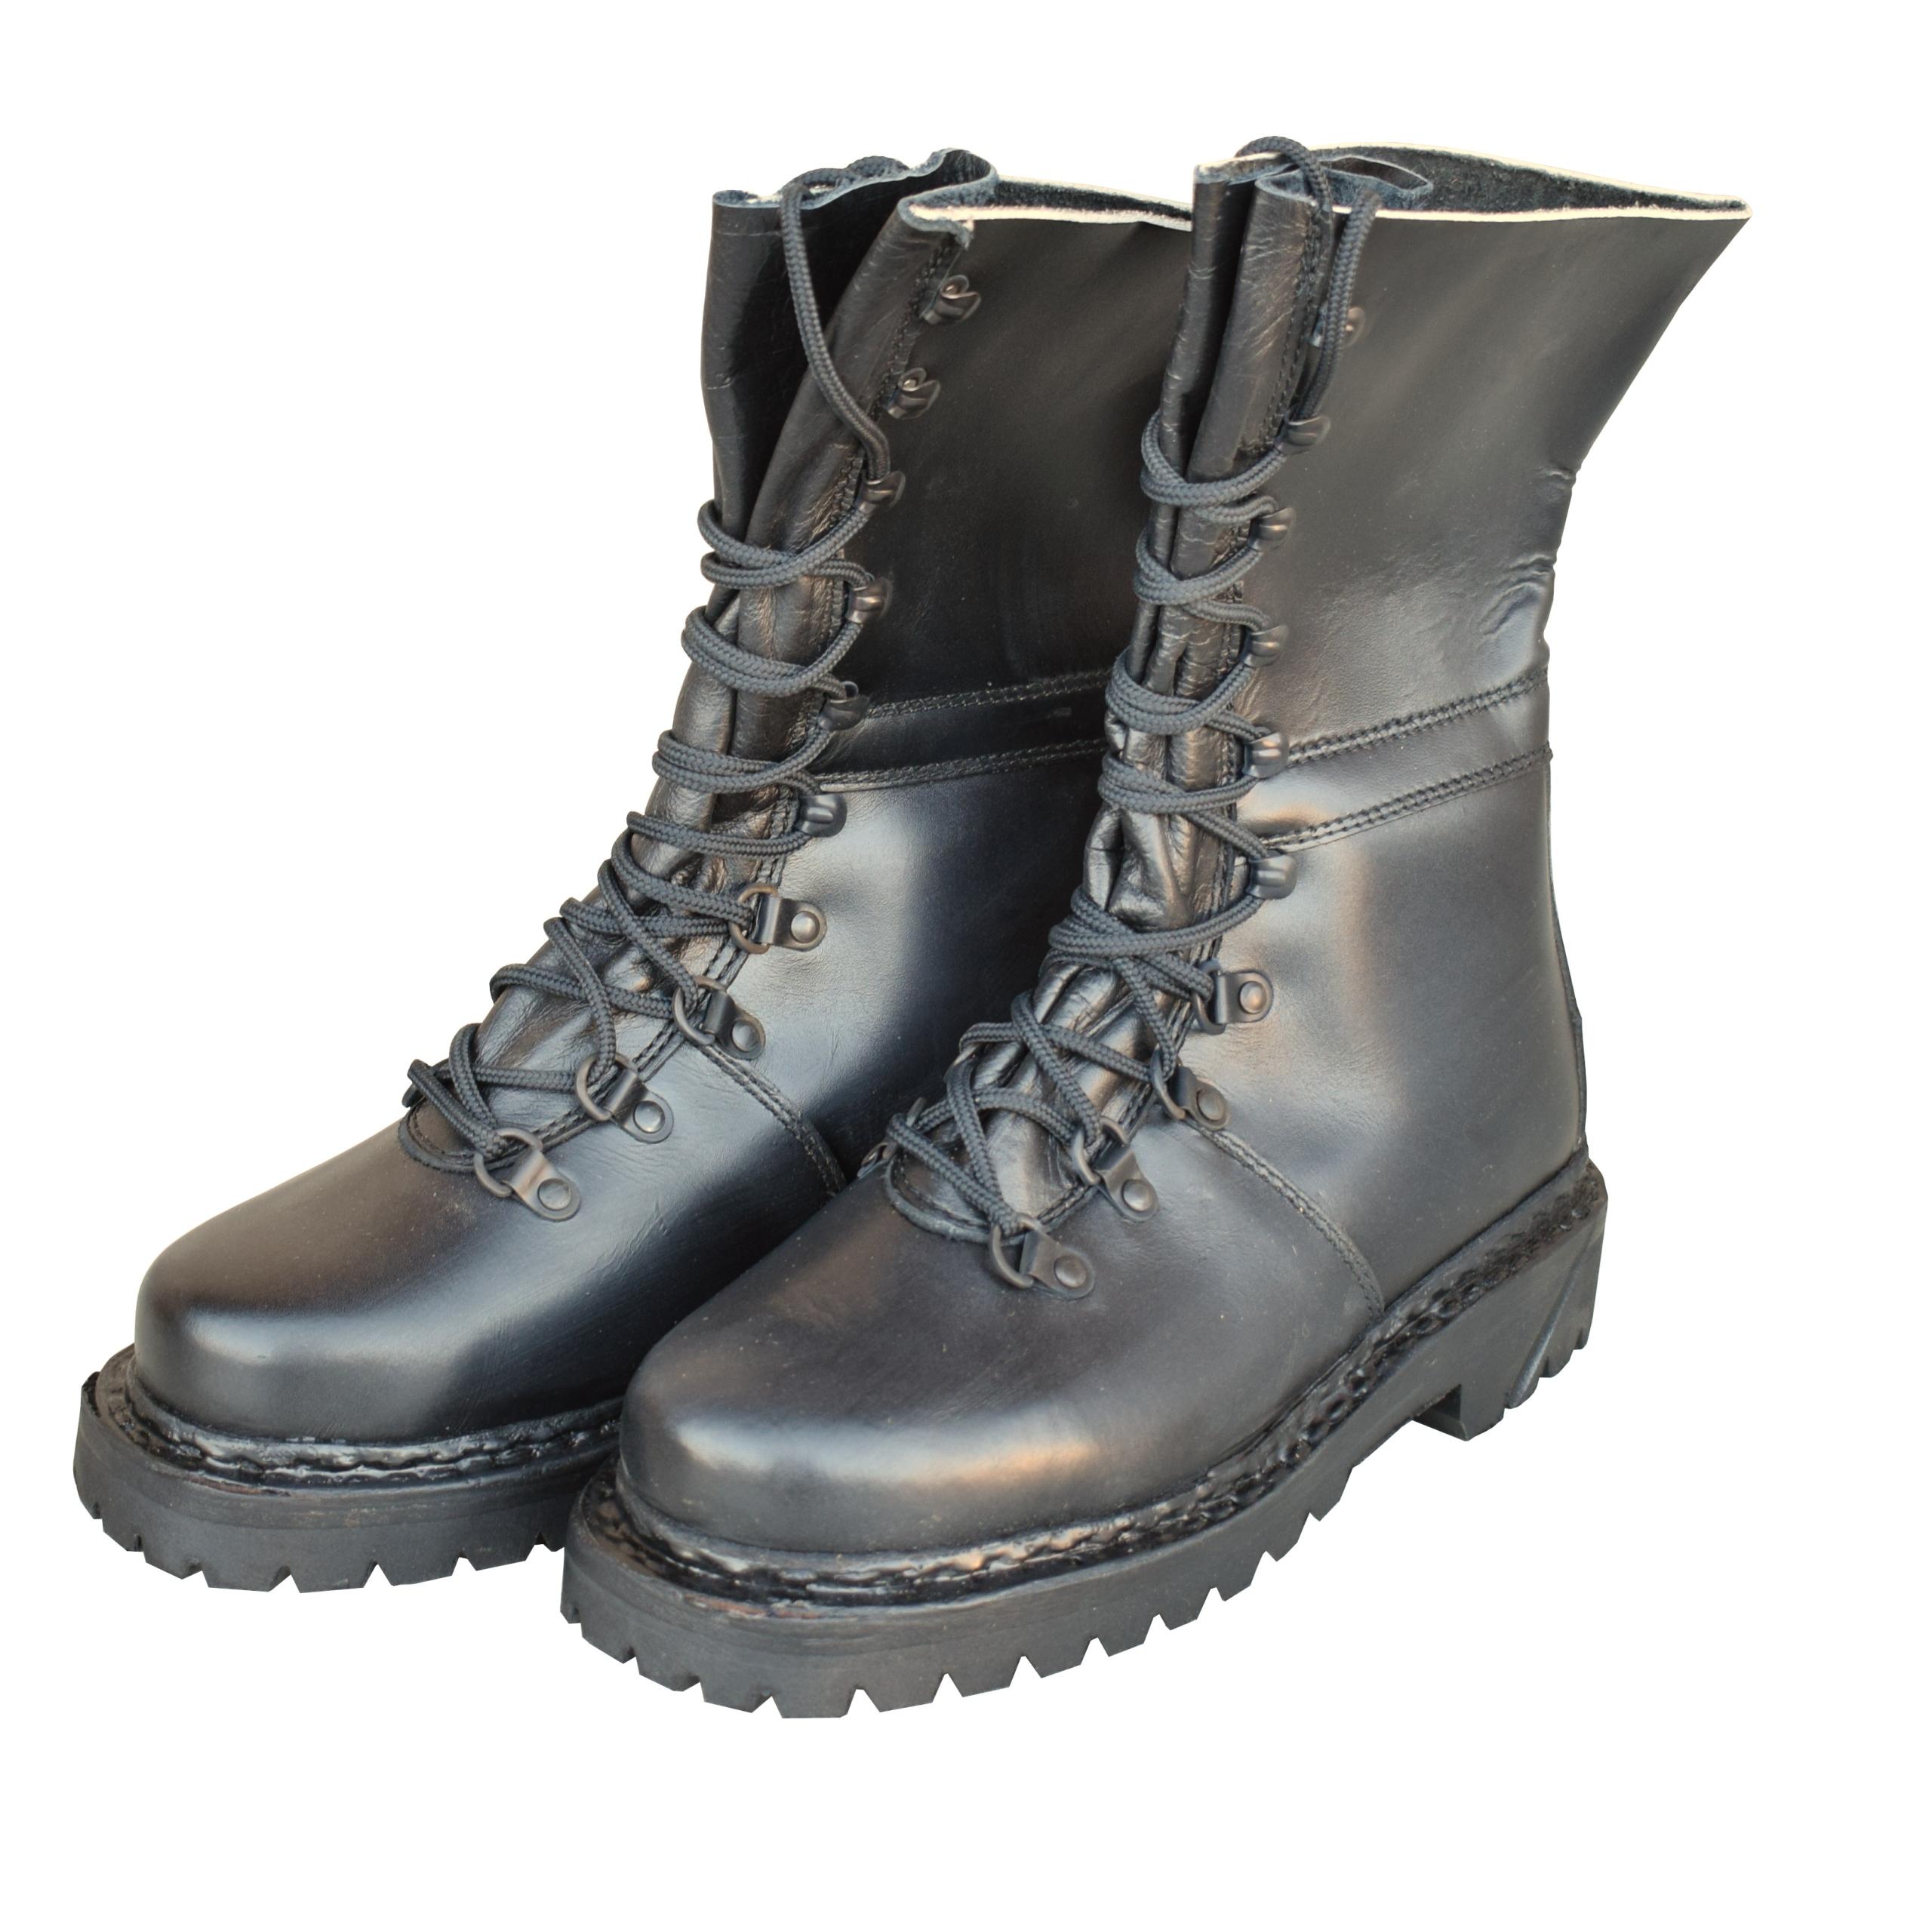 Vojenská obuv Alpská kožená ROZ39 stuhnutá